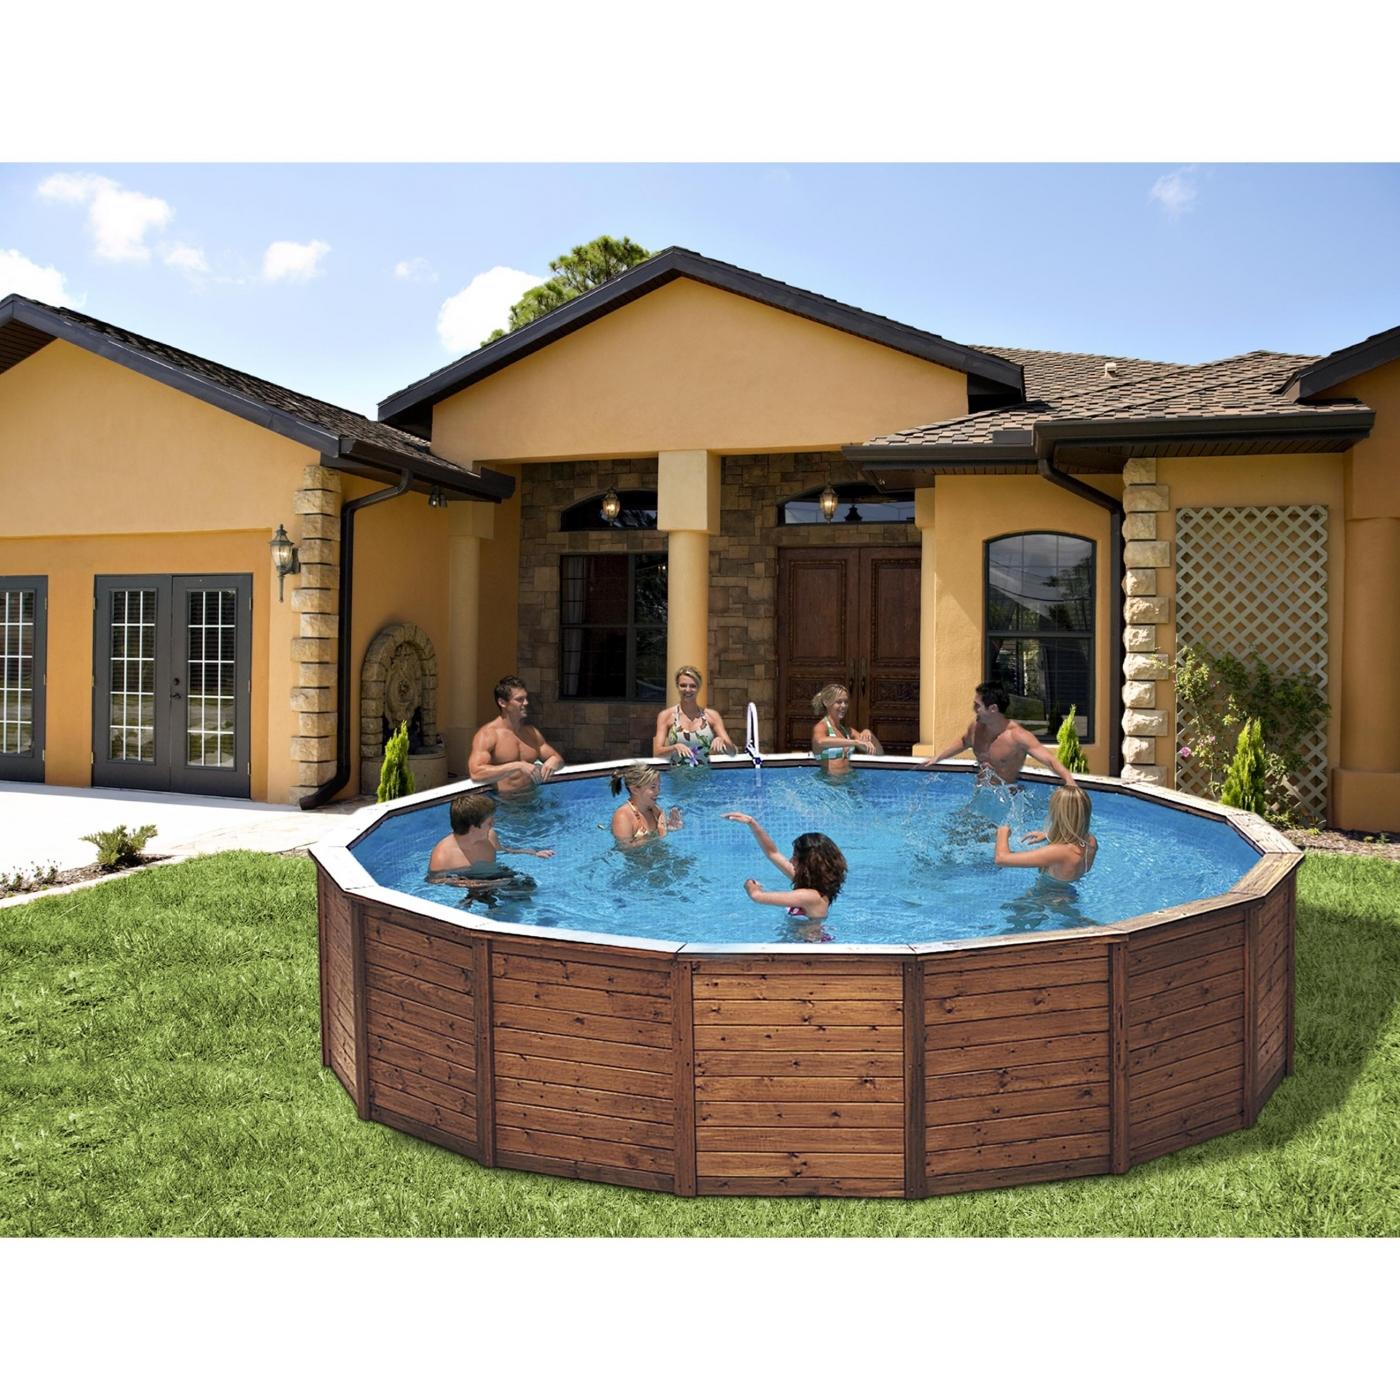 Piscina de madera grande con depuradora por en - Depuradora de piscina ...